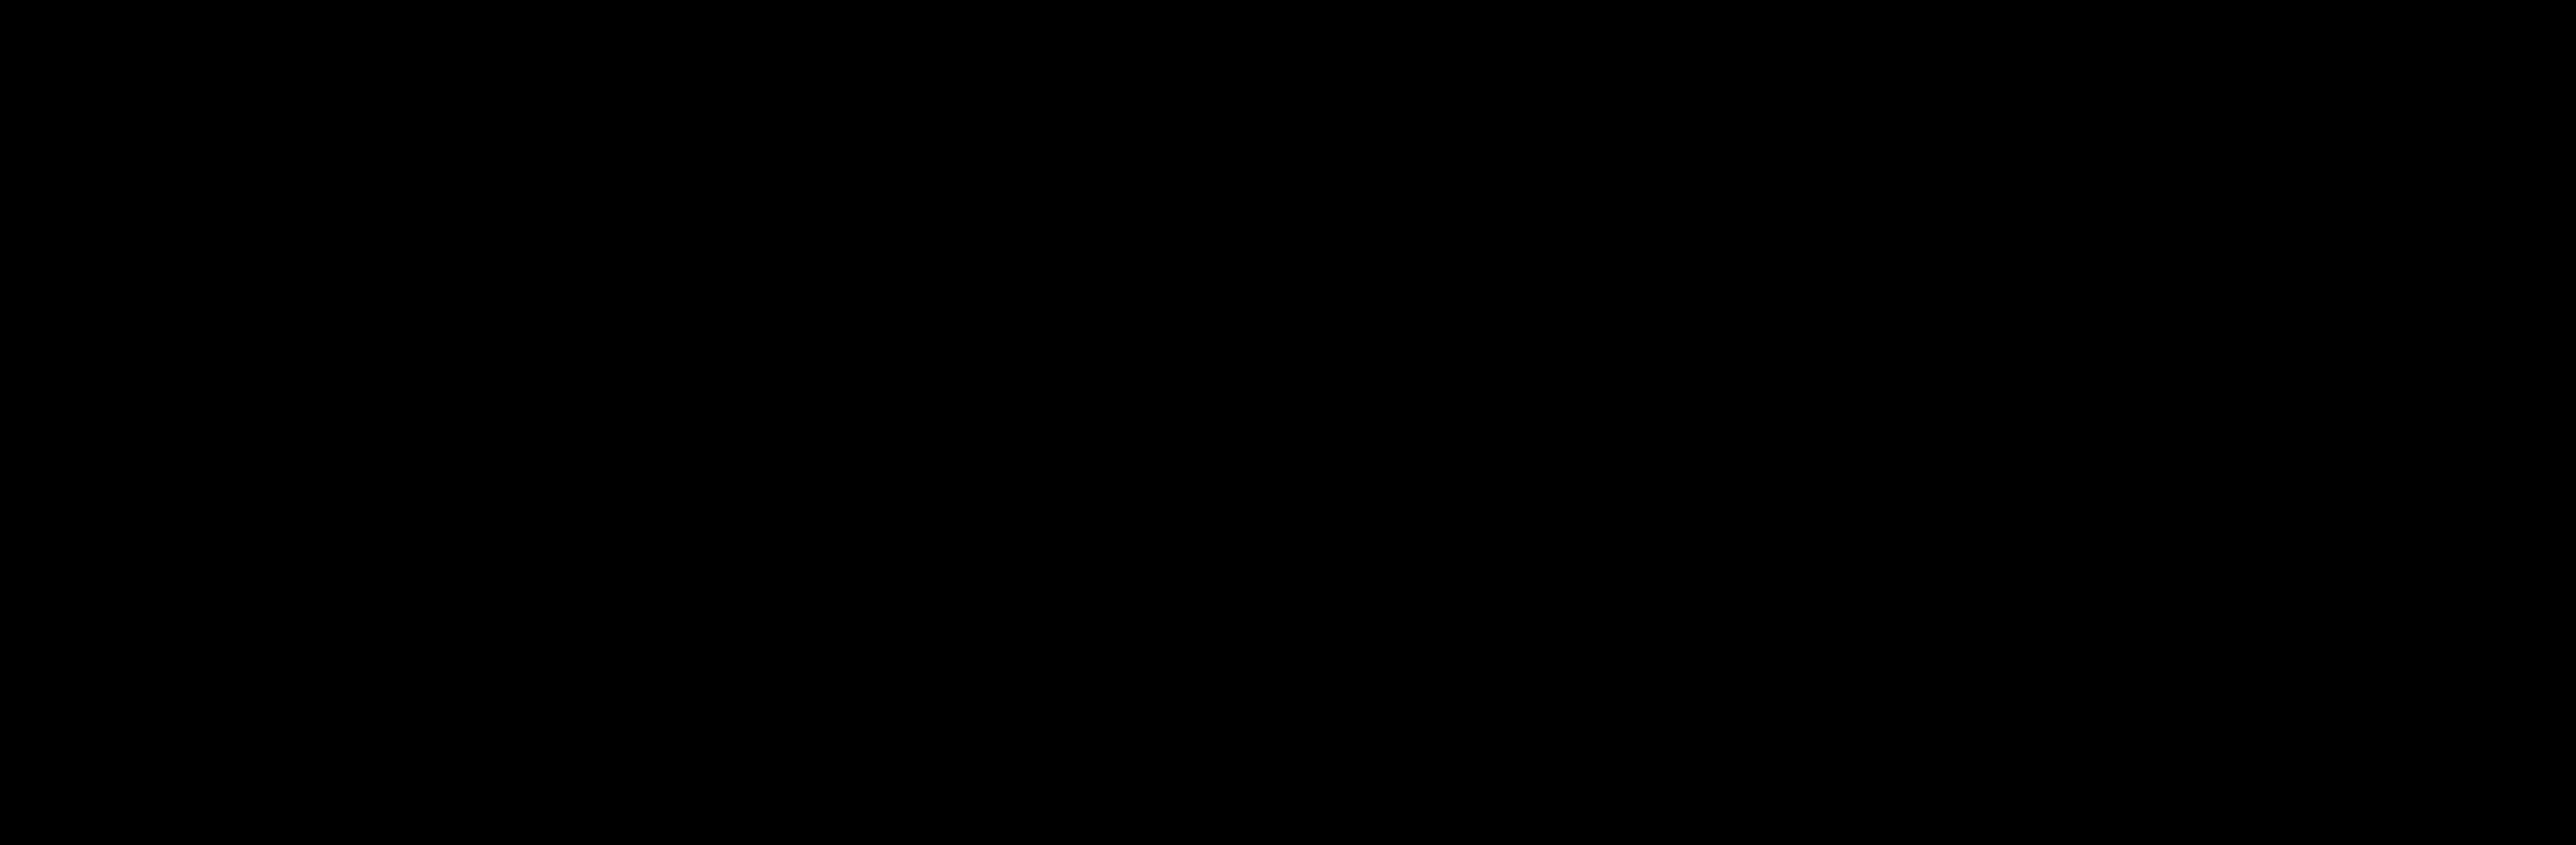 Conserveira do Arade - Saboreal